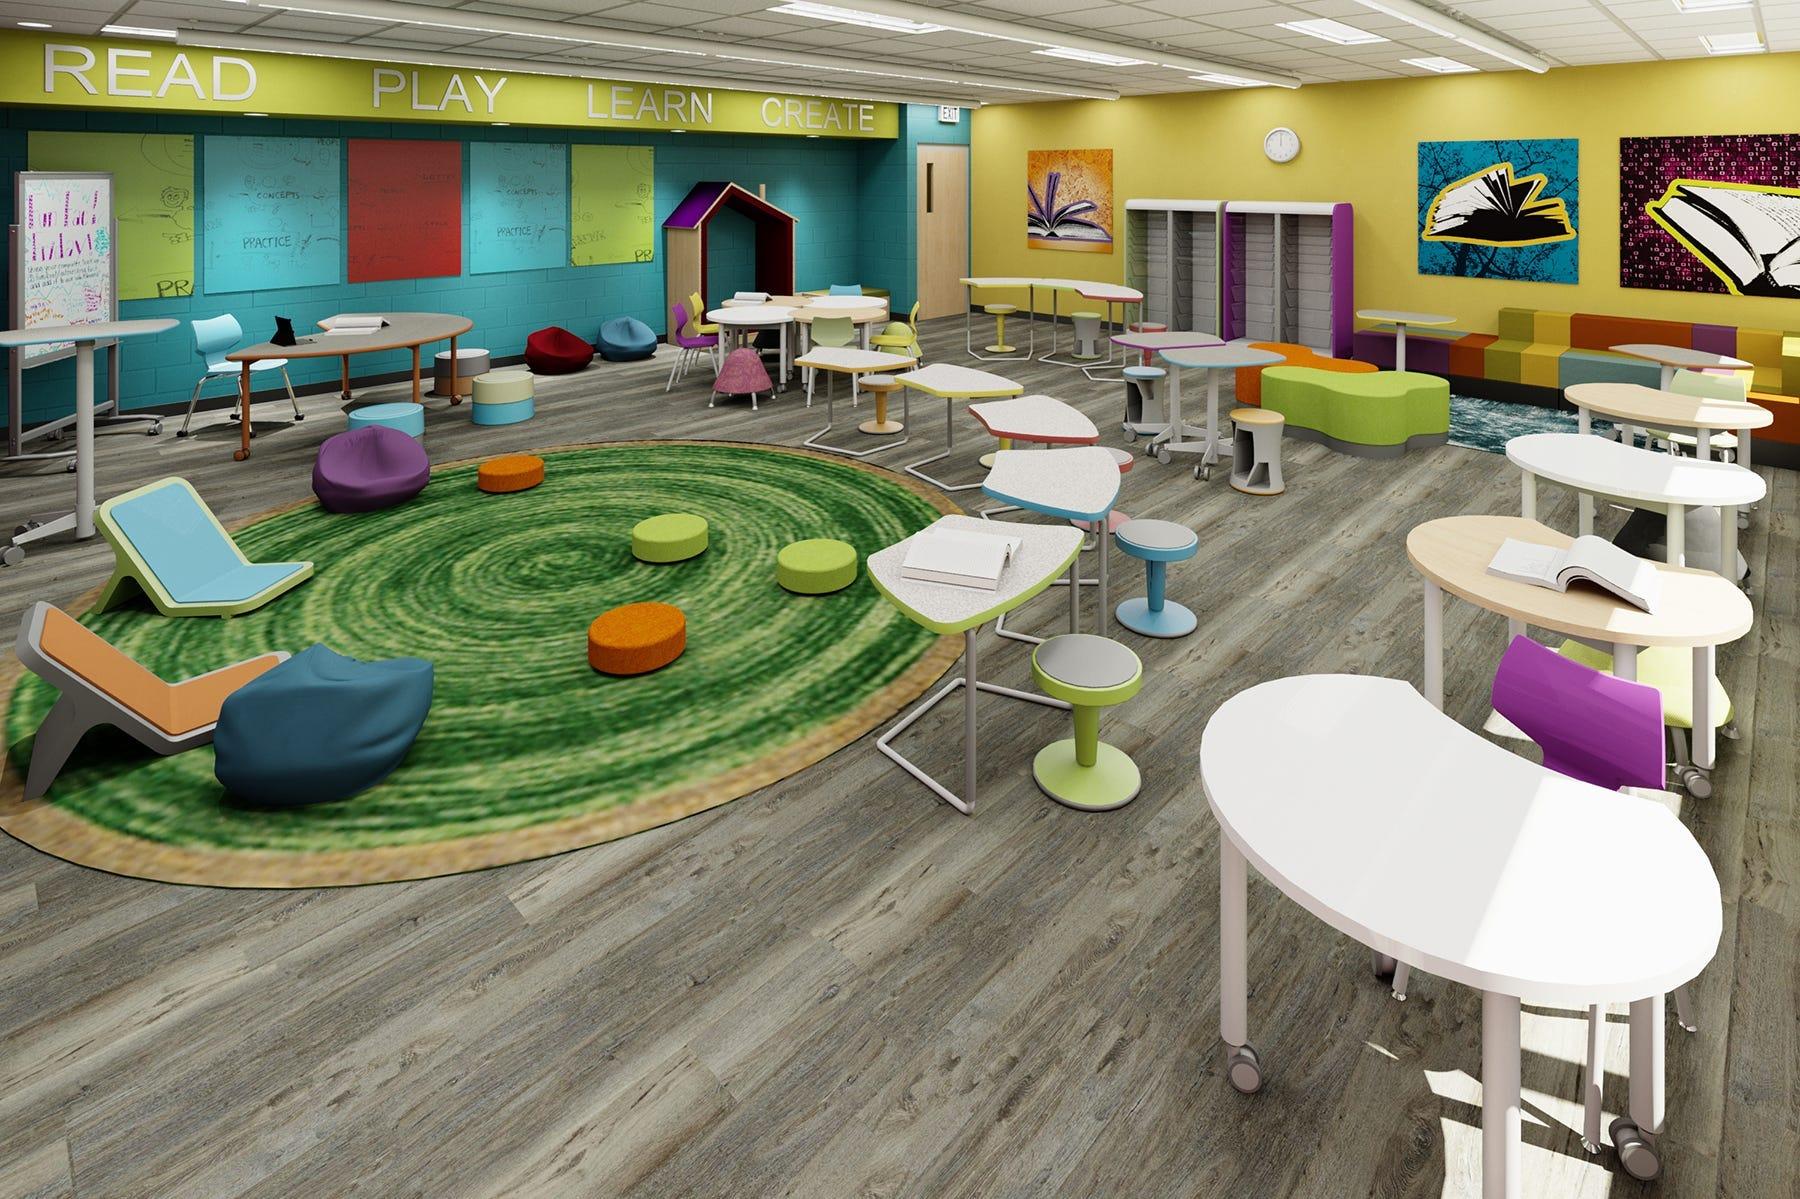 Design Inspiring Spaces